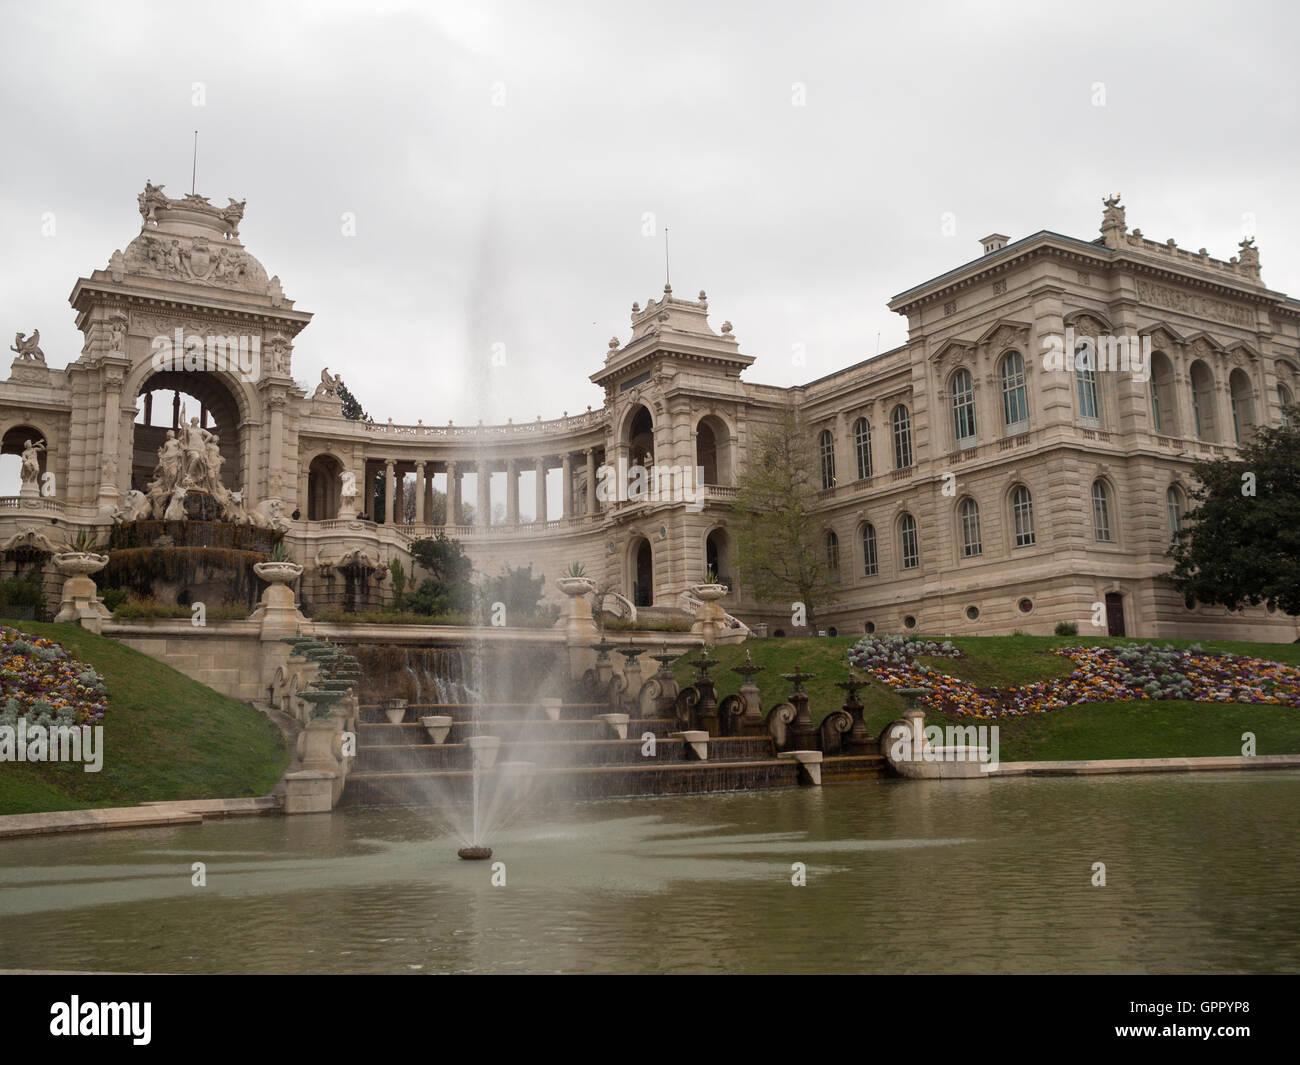 Musee des Beaux Arts Palais Longchamp Stock Photo